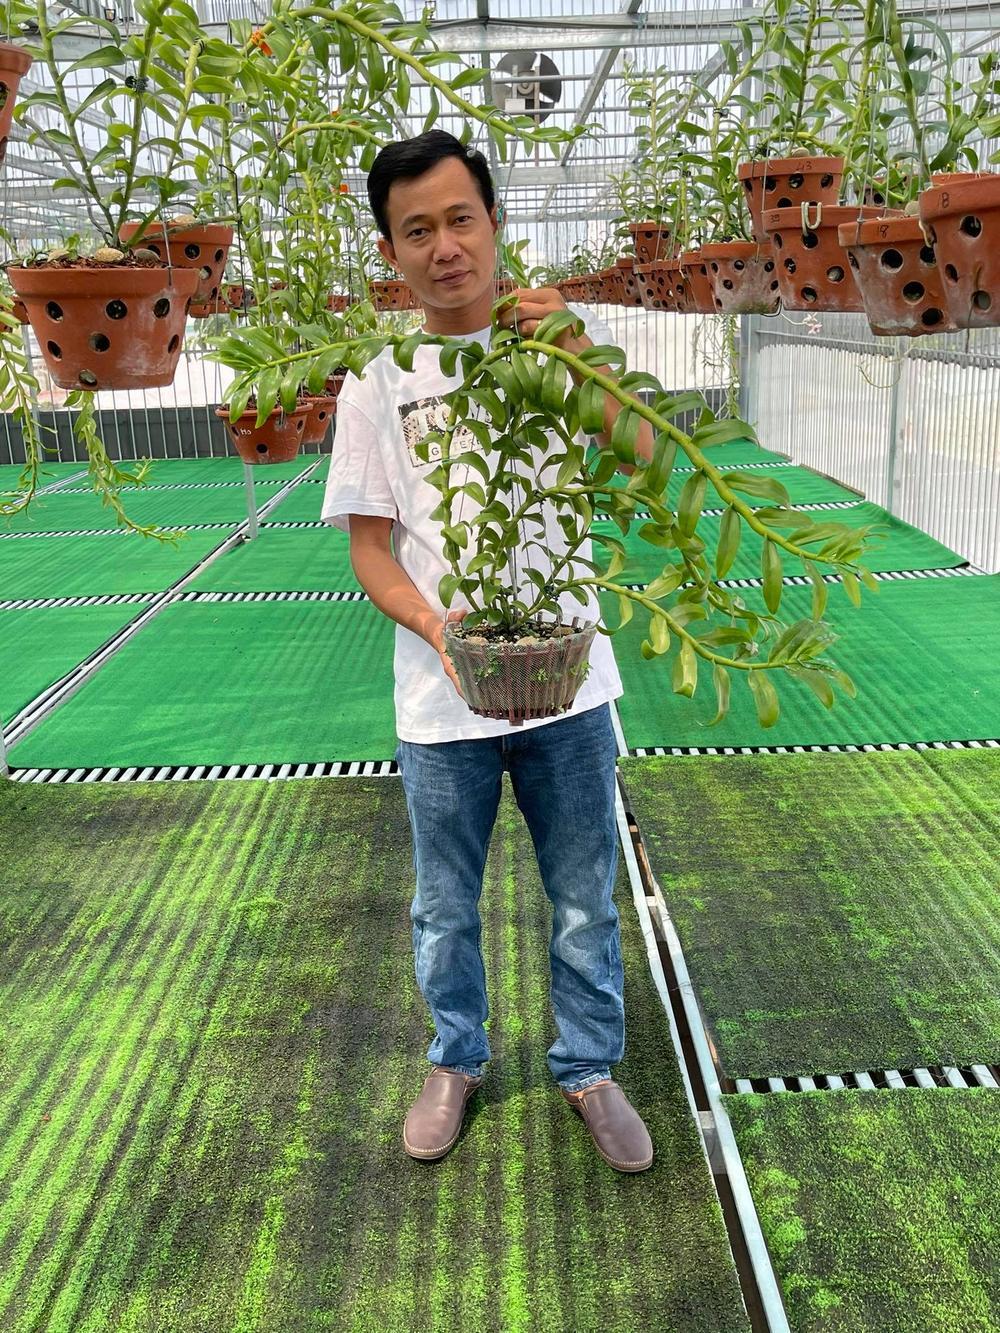 Phạm Minh Minh: Ông chủ vườn lan đi từ thử thách tới thành công Ảnh 3